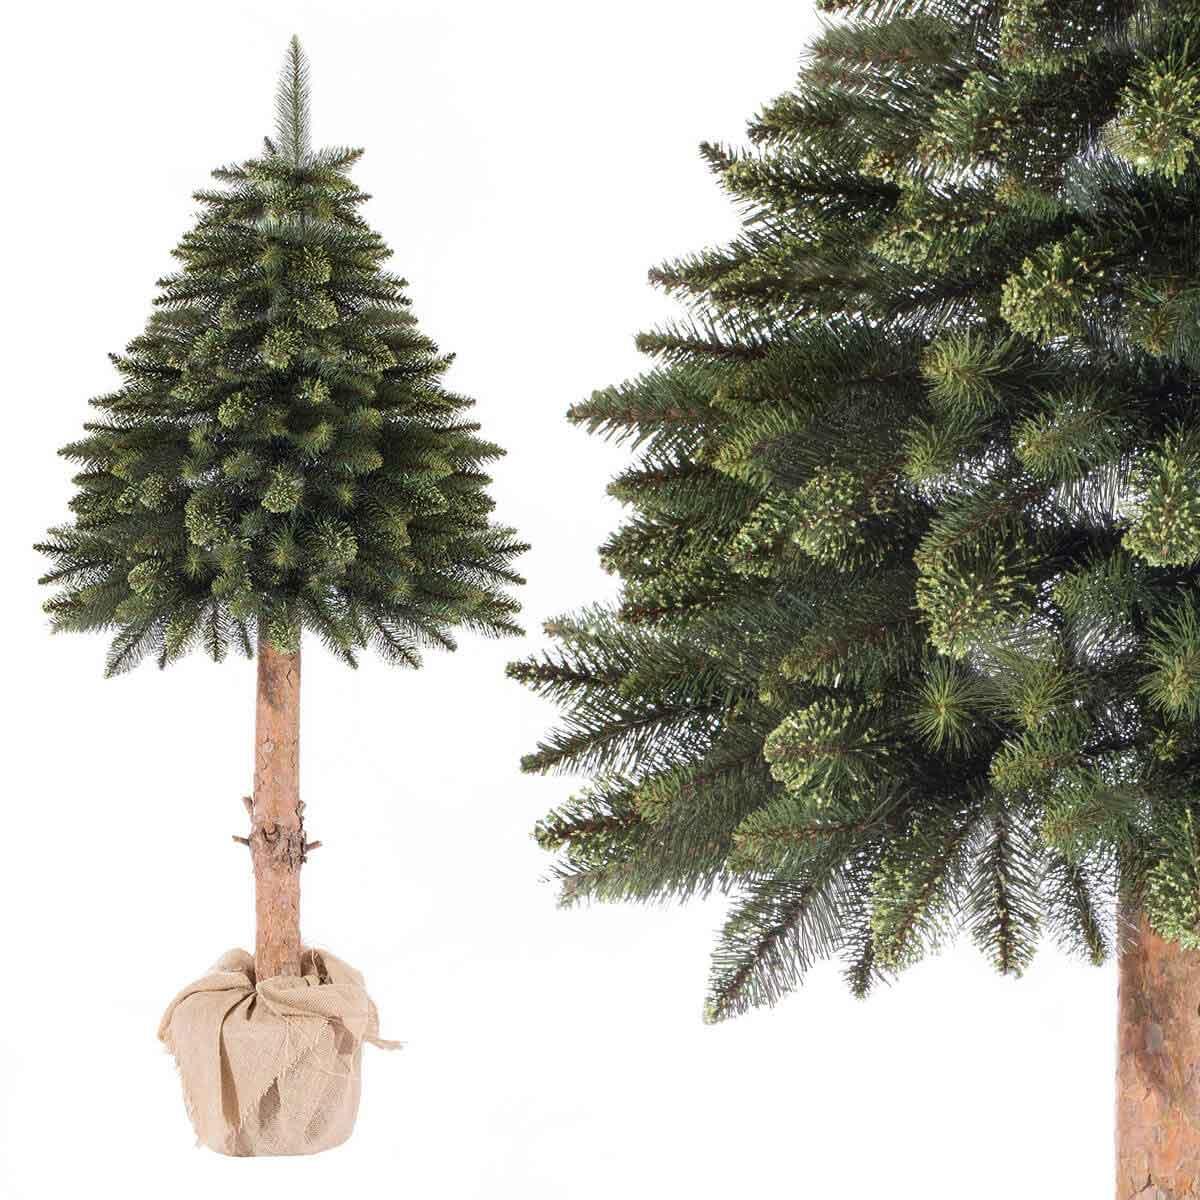 weihnachtsbaum fichte k nstlicher weihnachtsbaum haus. Black Bedroom Furniture Sets. Home Design Ideas